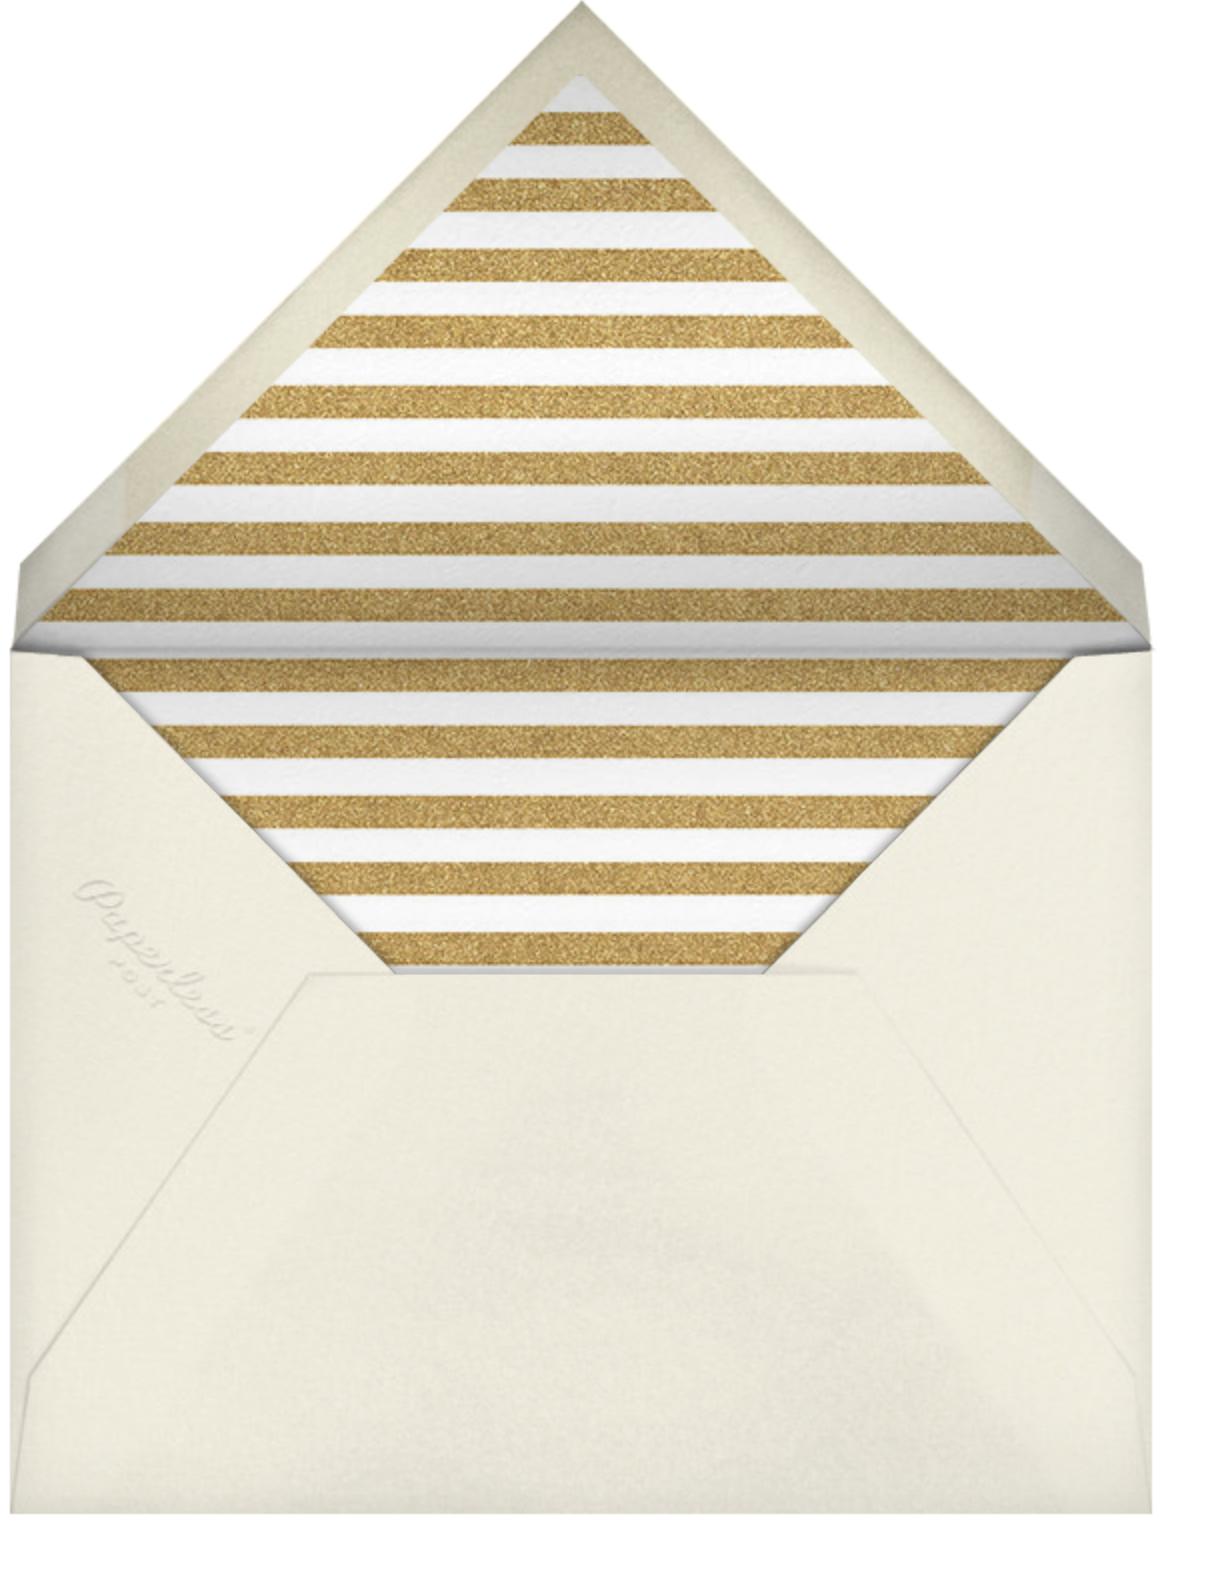 Full of Blessings - The Indigo Bunting - Thanksgiving - envelope back